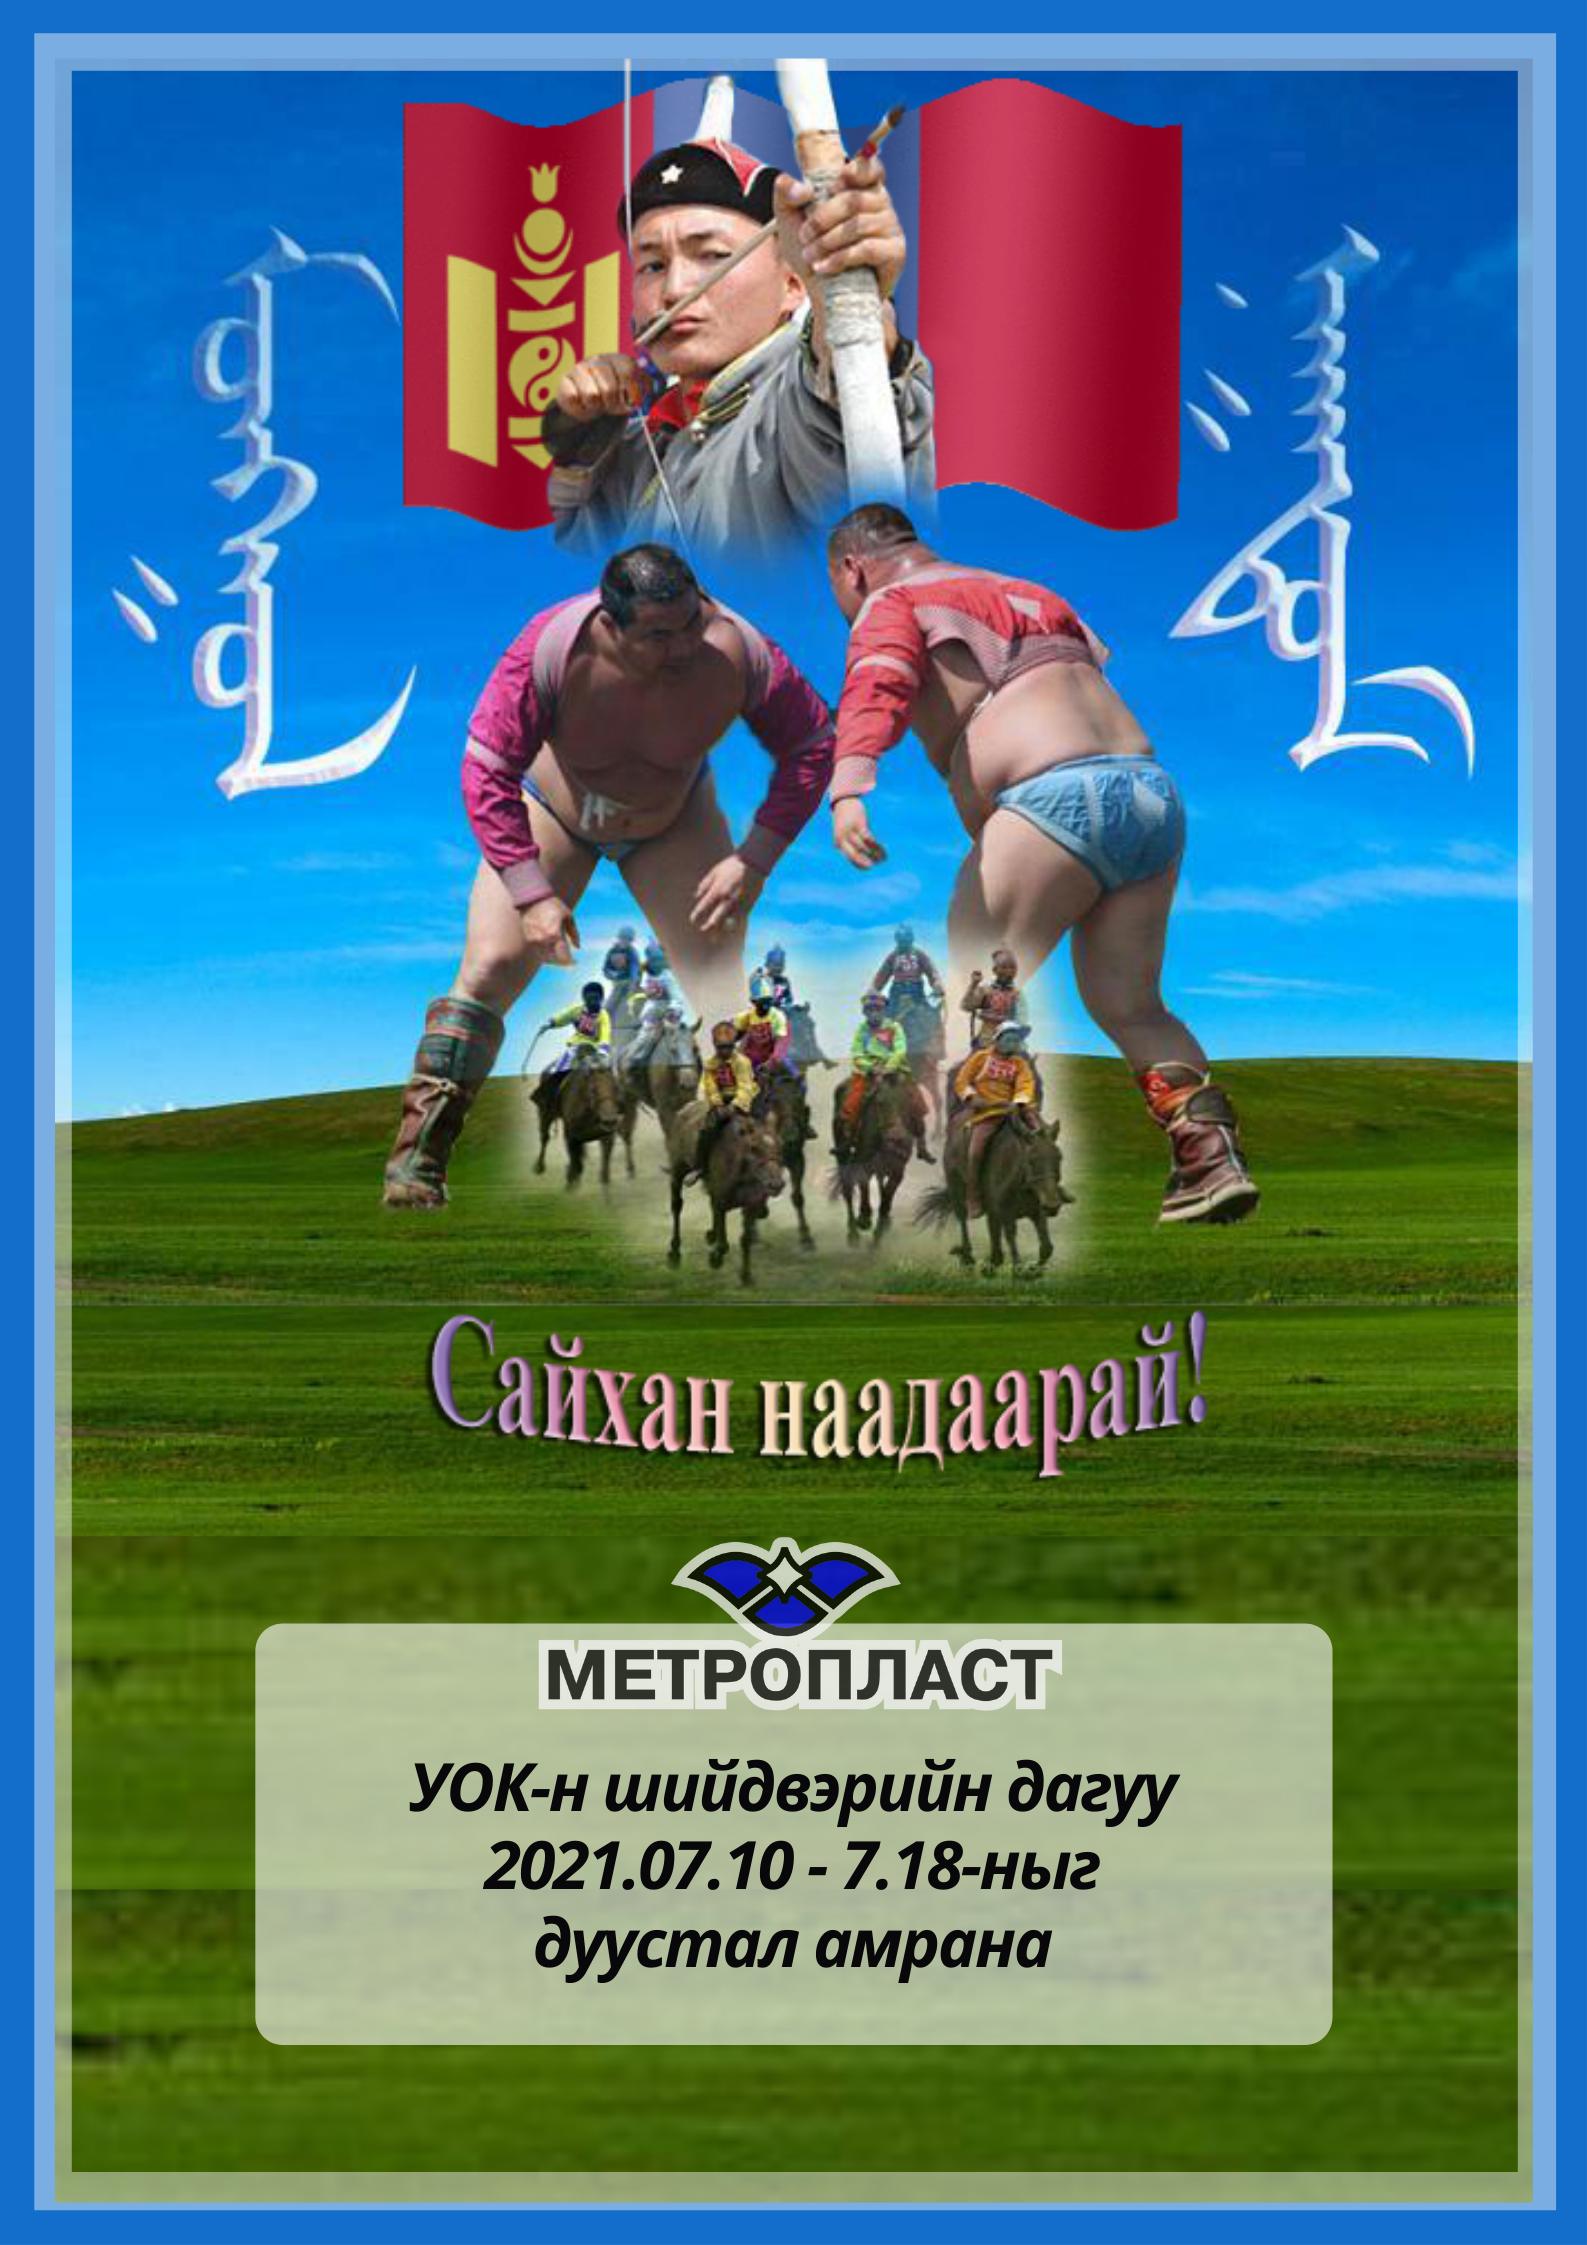 Монгол түмэн минь Сайхан наадаарай!